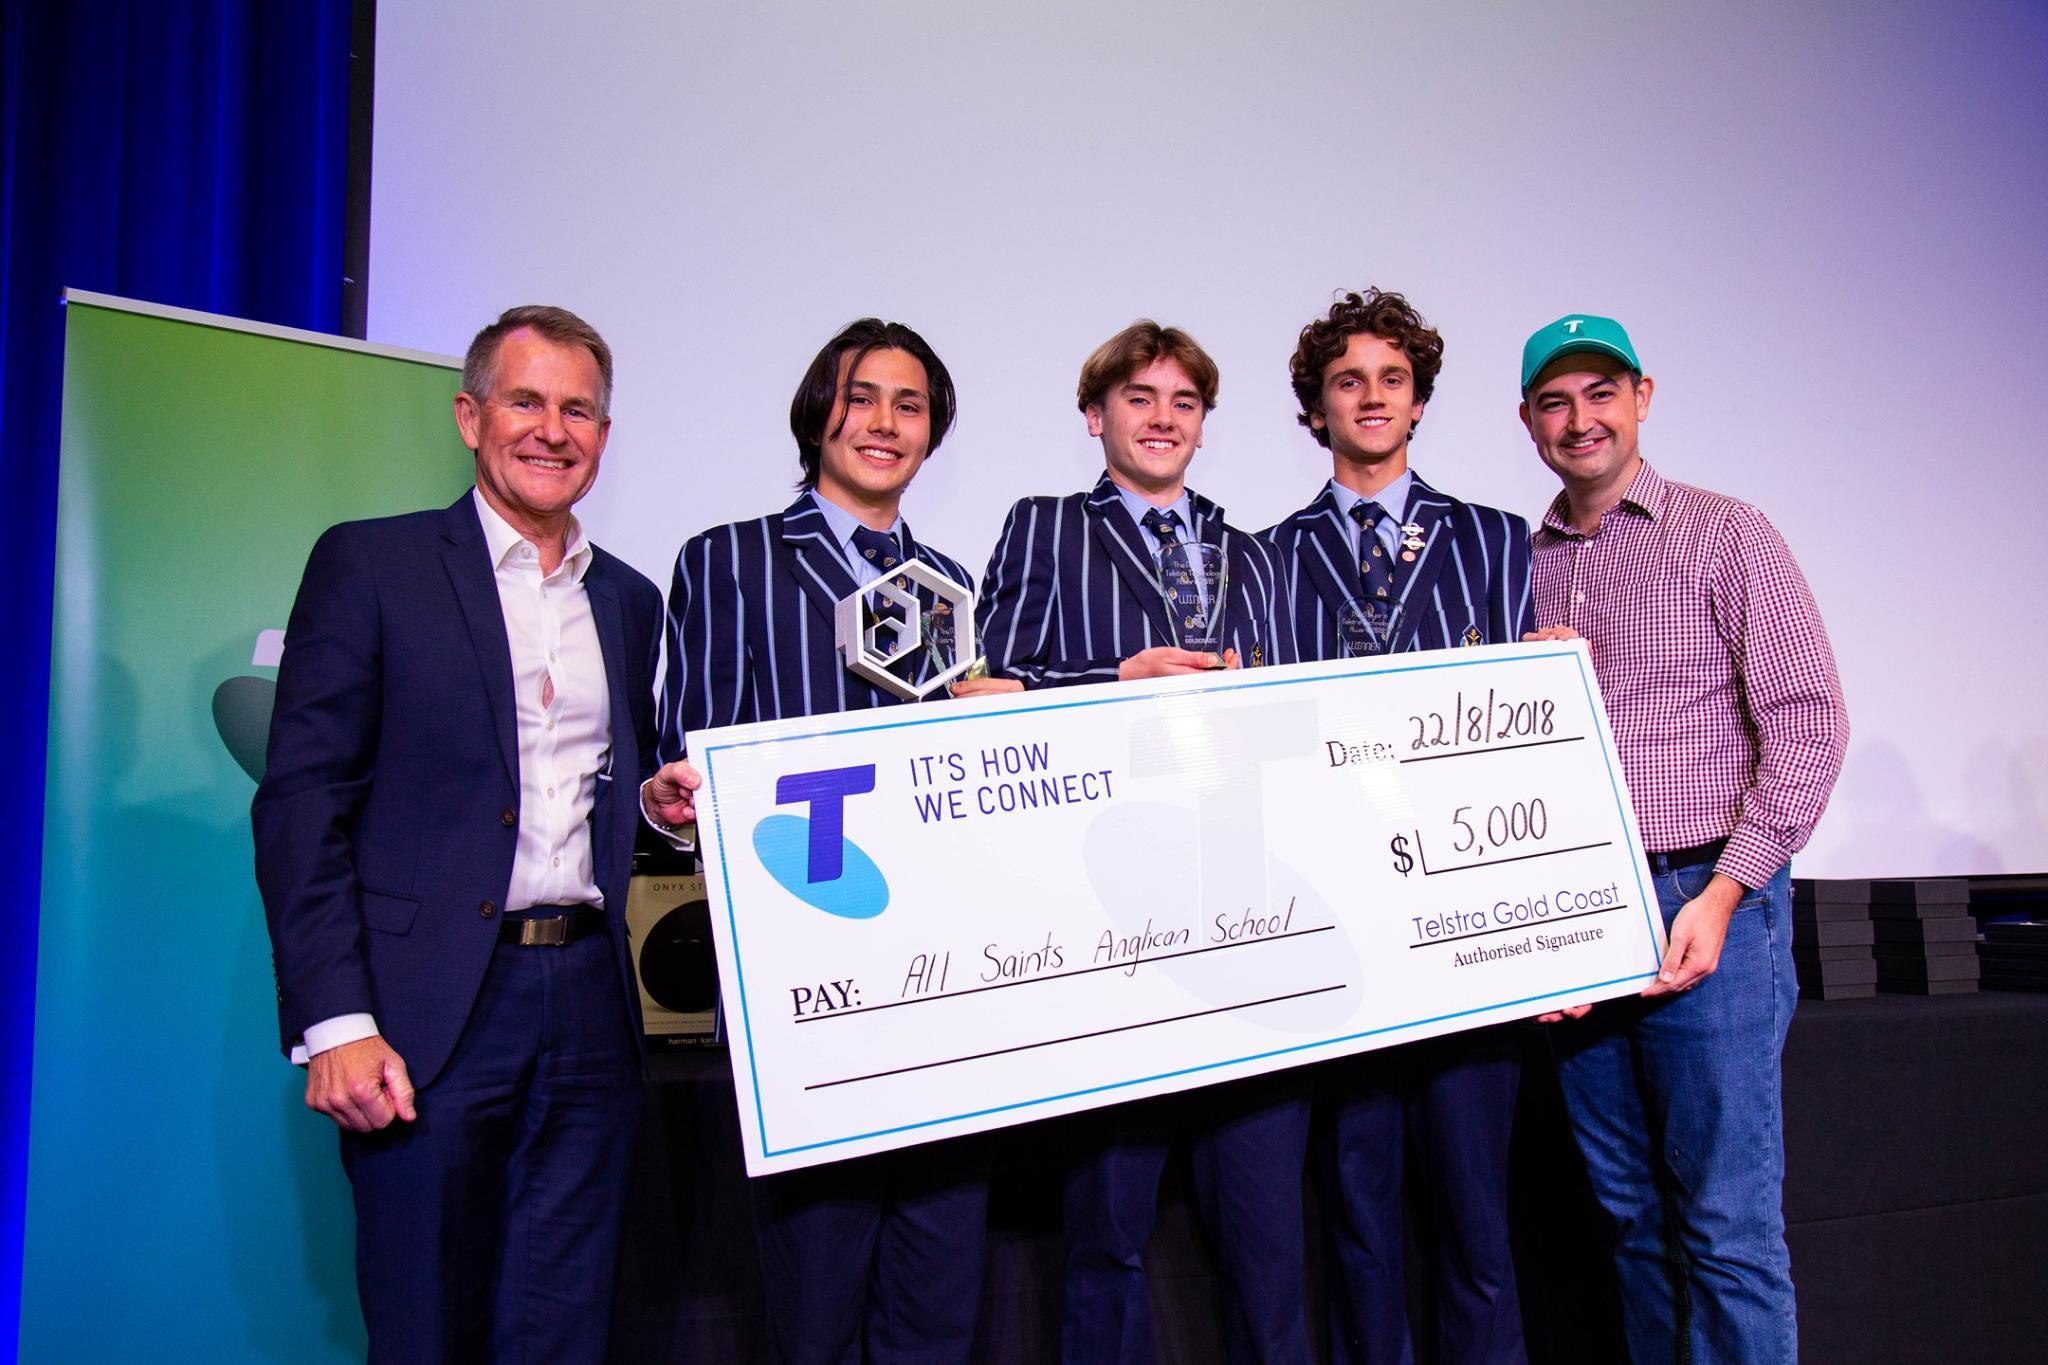 Mayor's Technology Awards